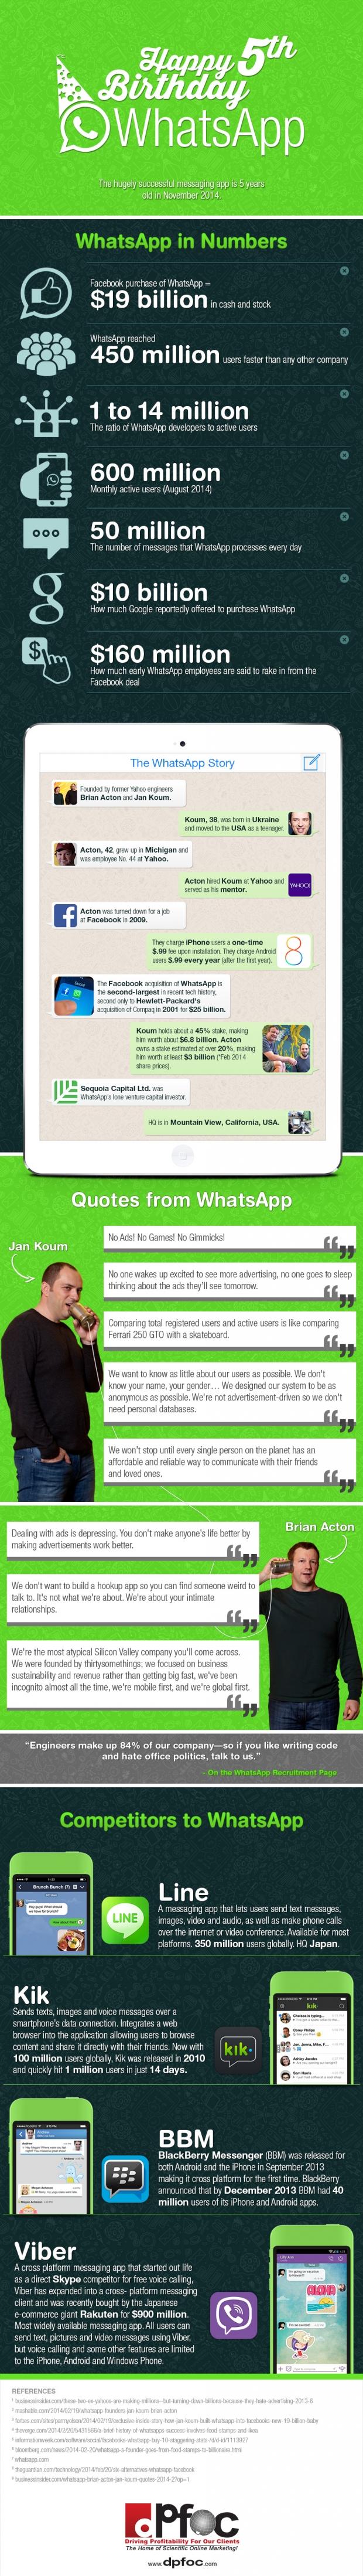 DPFOC-IG-WhatsApp-v3-OCT-NOV